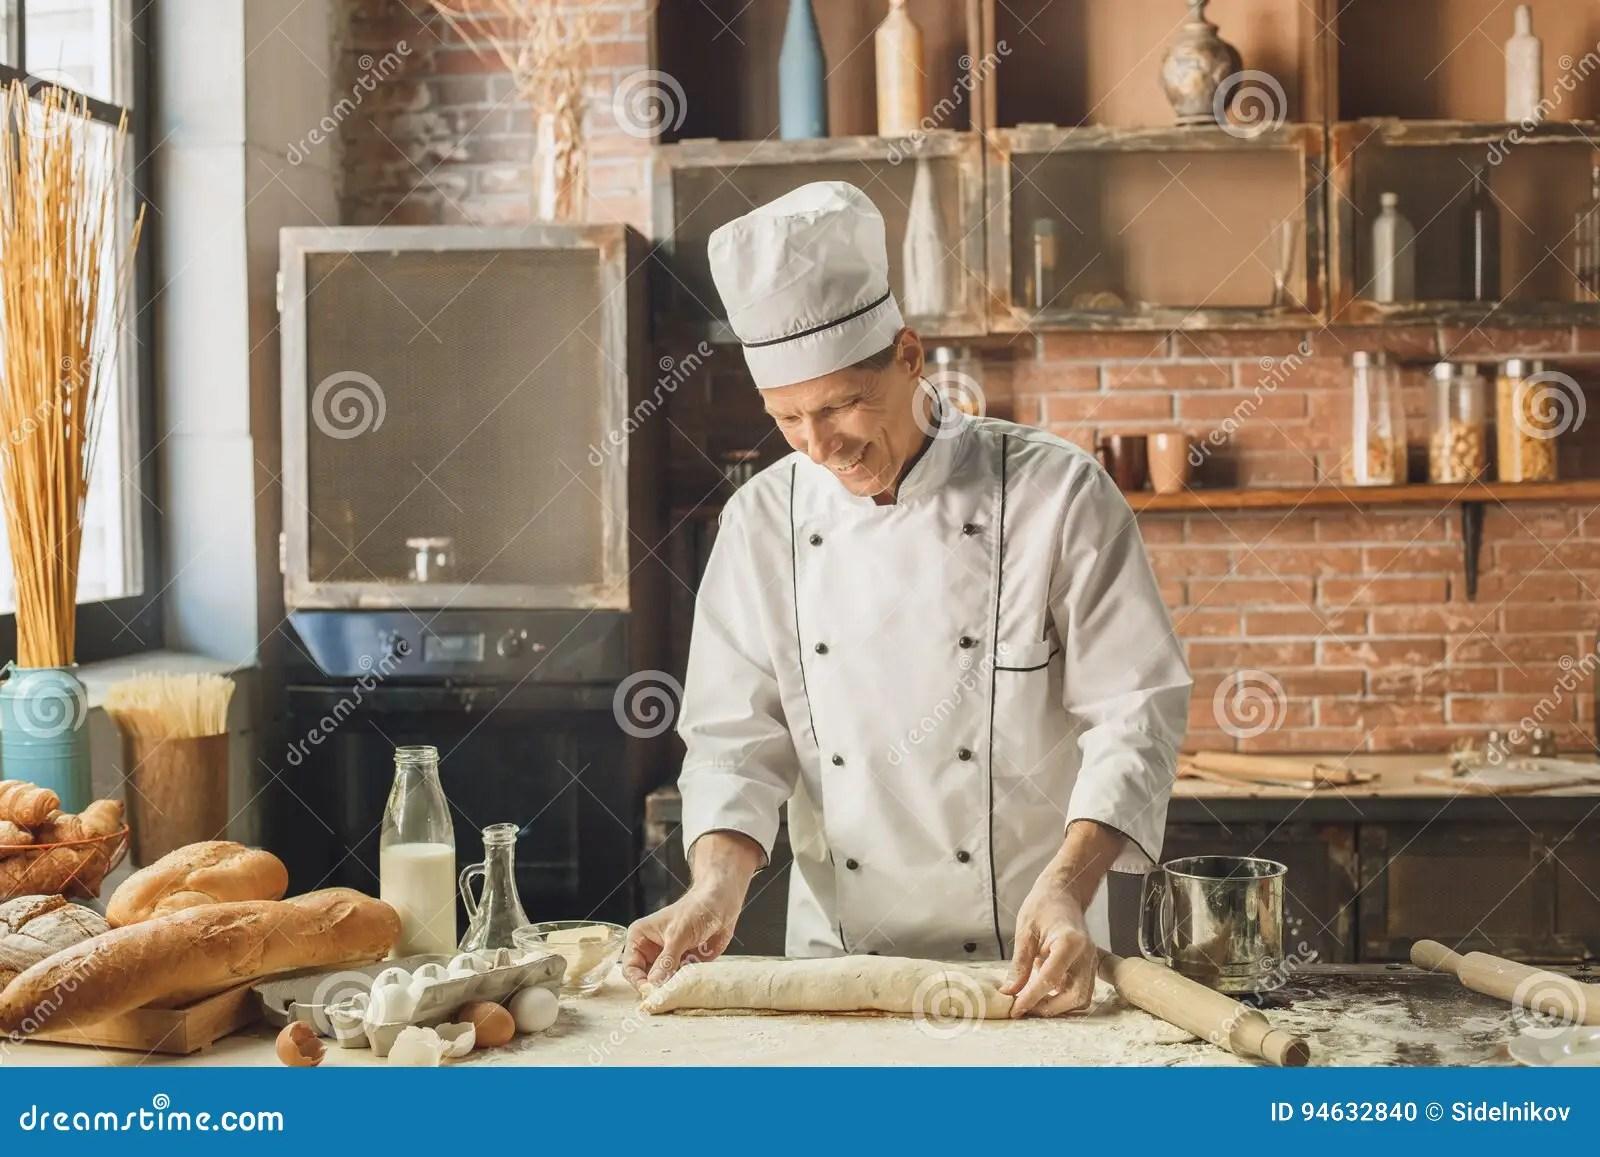 kitchen experts traditional cabinets 面包店厨师烹调在厨房专家烘烤库存照片 图片包括有烹调法 面粉 行业 面包店厨师烹调在厨房专业制造的卷烘烤